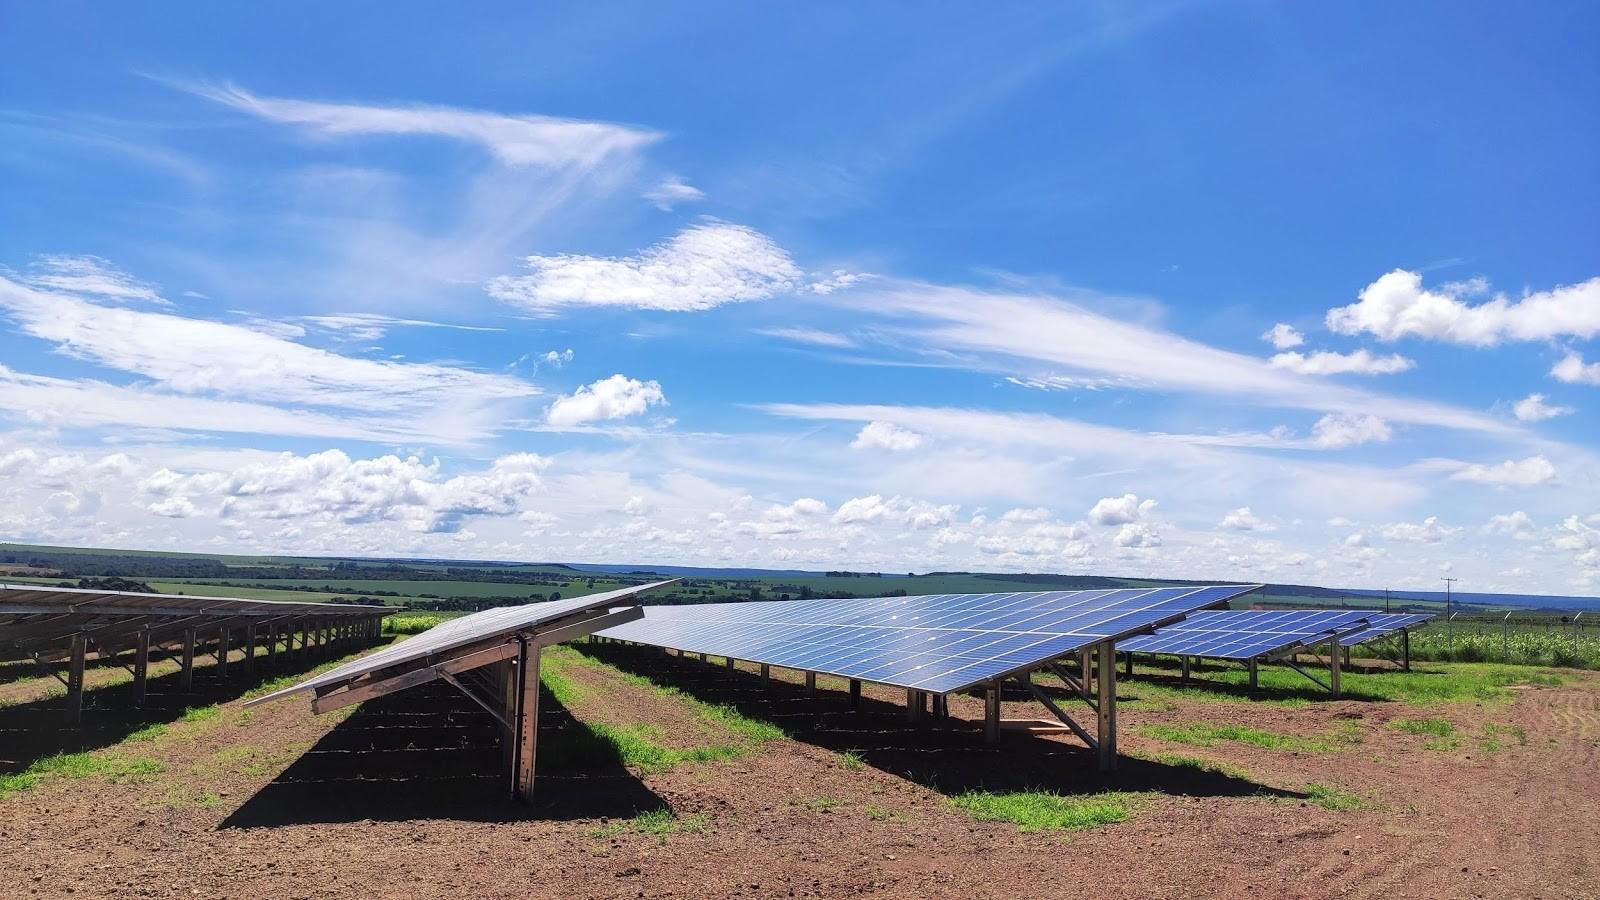 ブラジルにて2件目の太陽光発電所が完工 ドラッグストアチェーン66店舗への電力供給へ